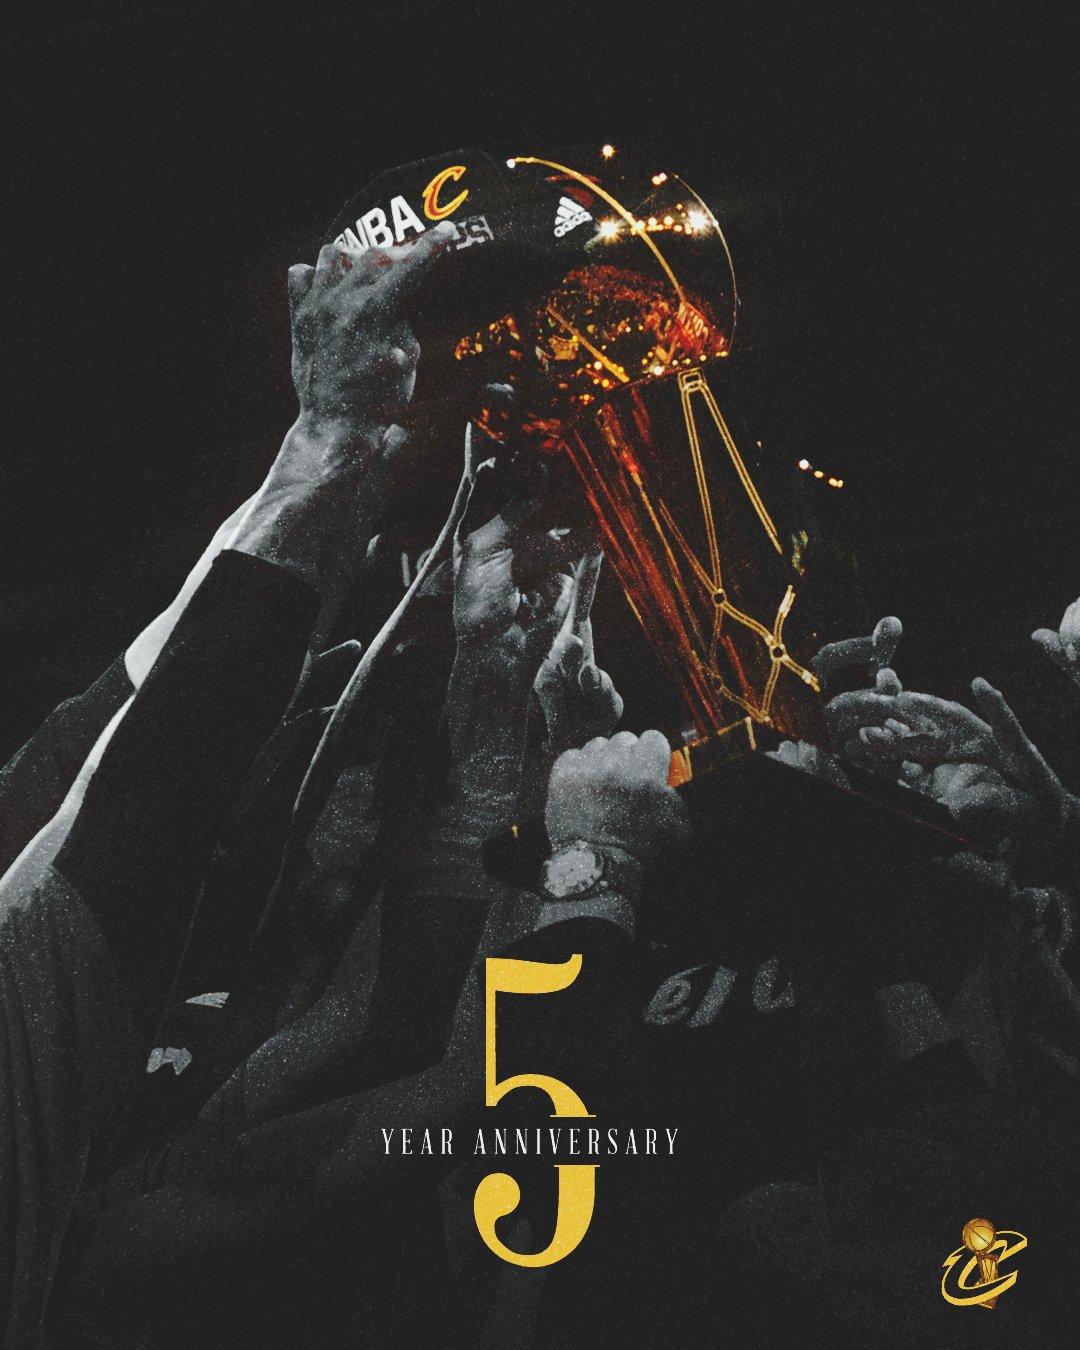 骑士官推发布夺冠5周年纪念海报及短片:5年前,历史被造就